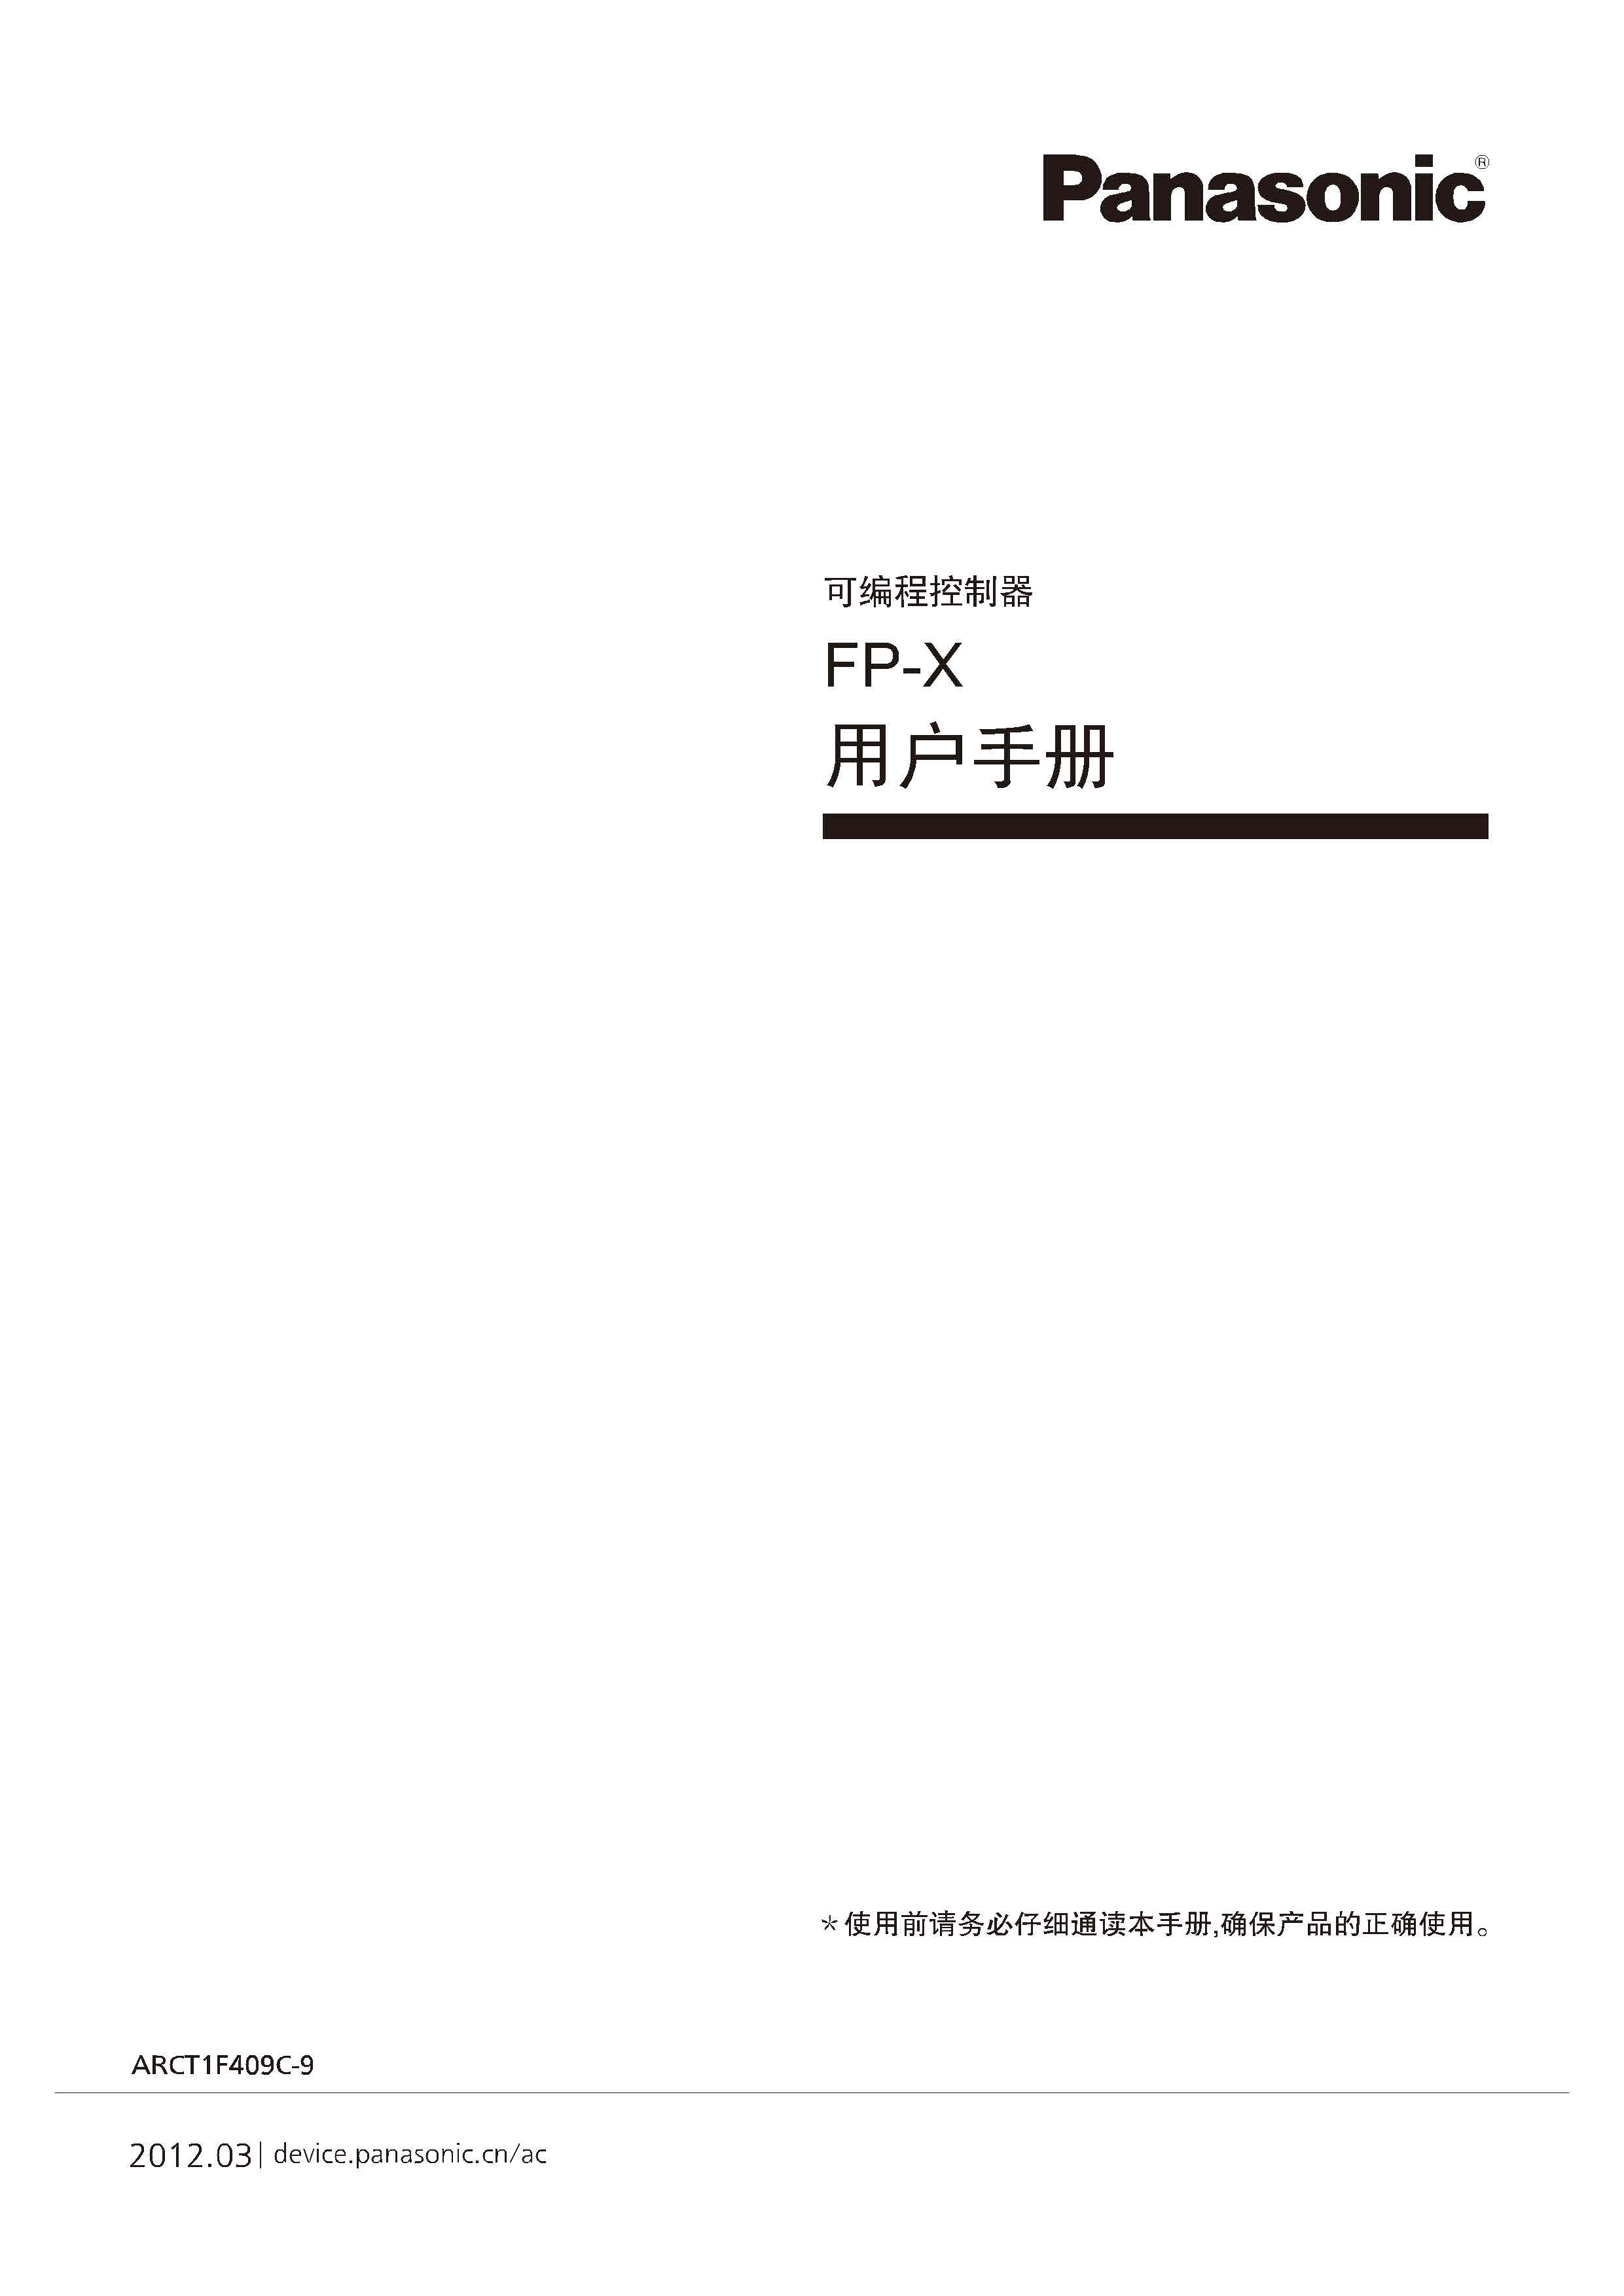 松下  fp-x硬件手册